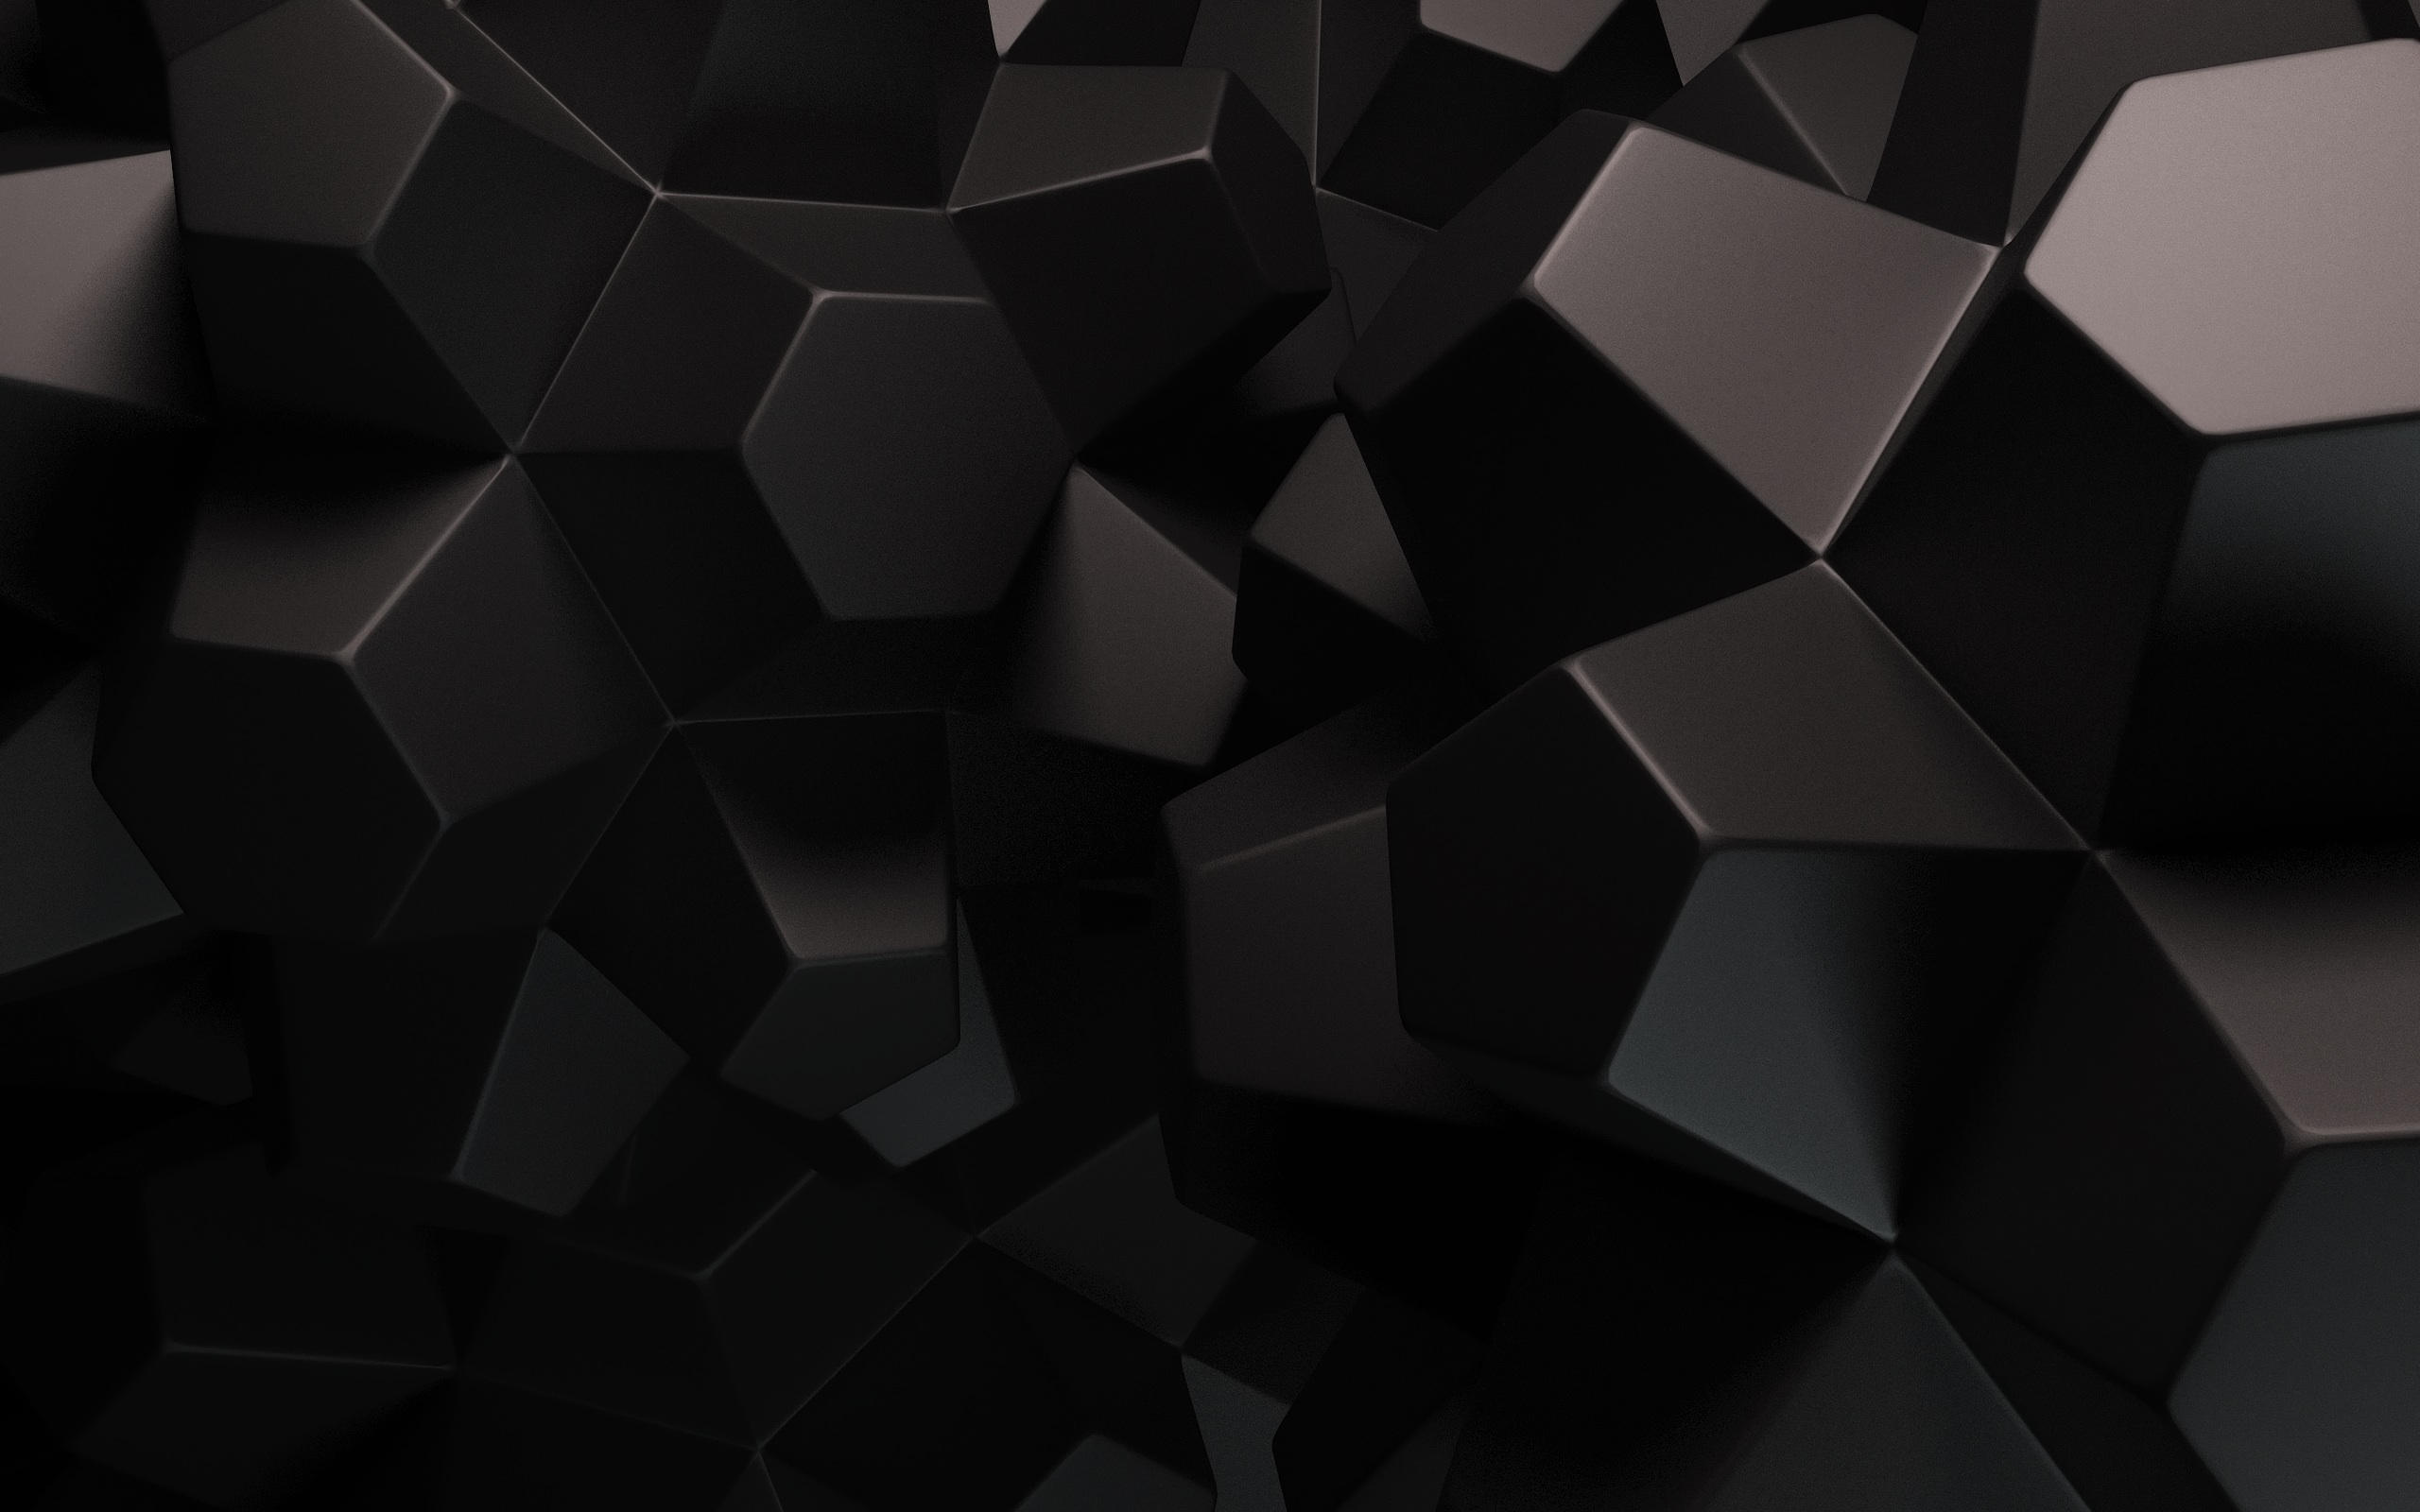 Hình nền đen khối nhiều mặt